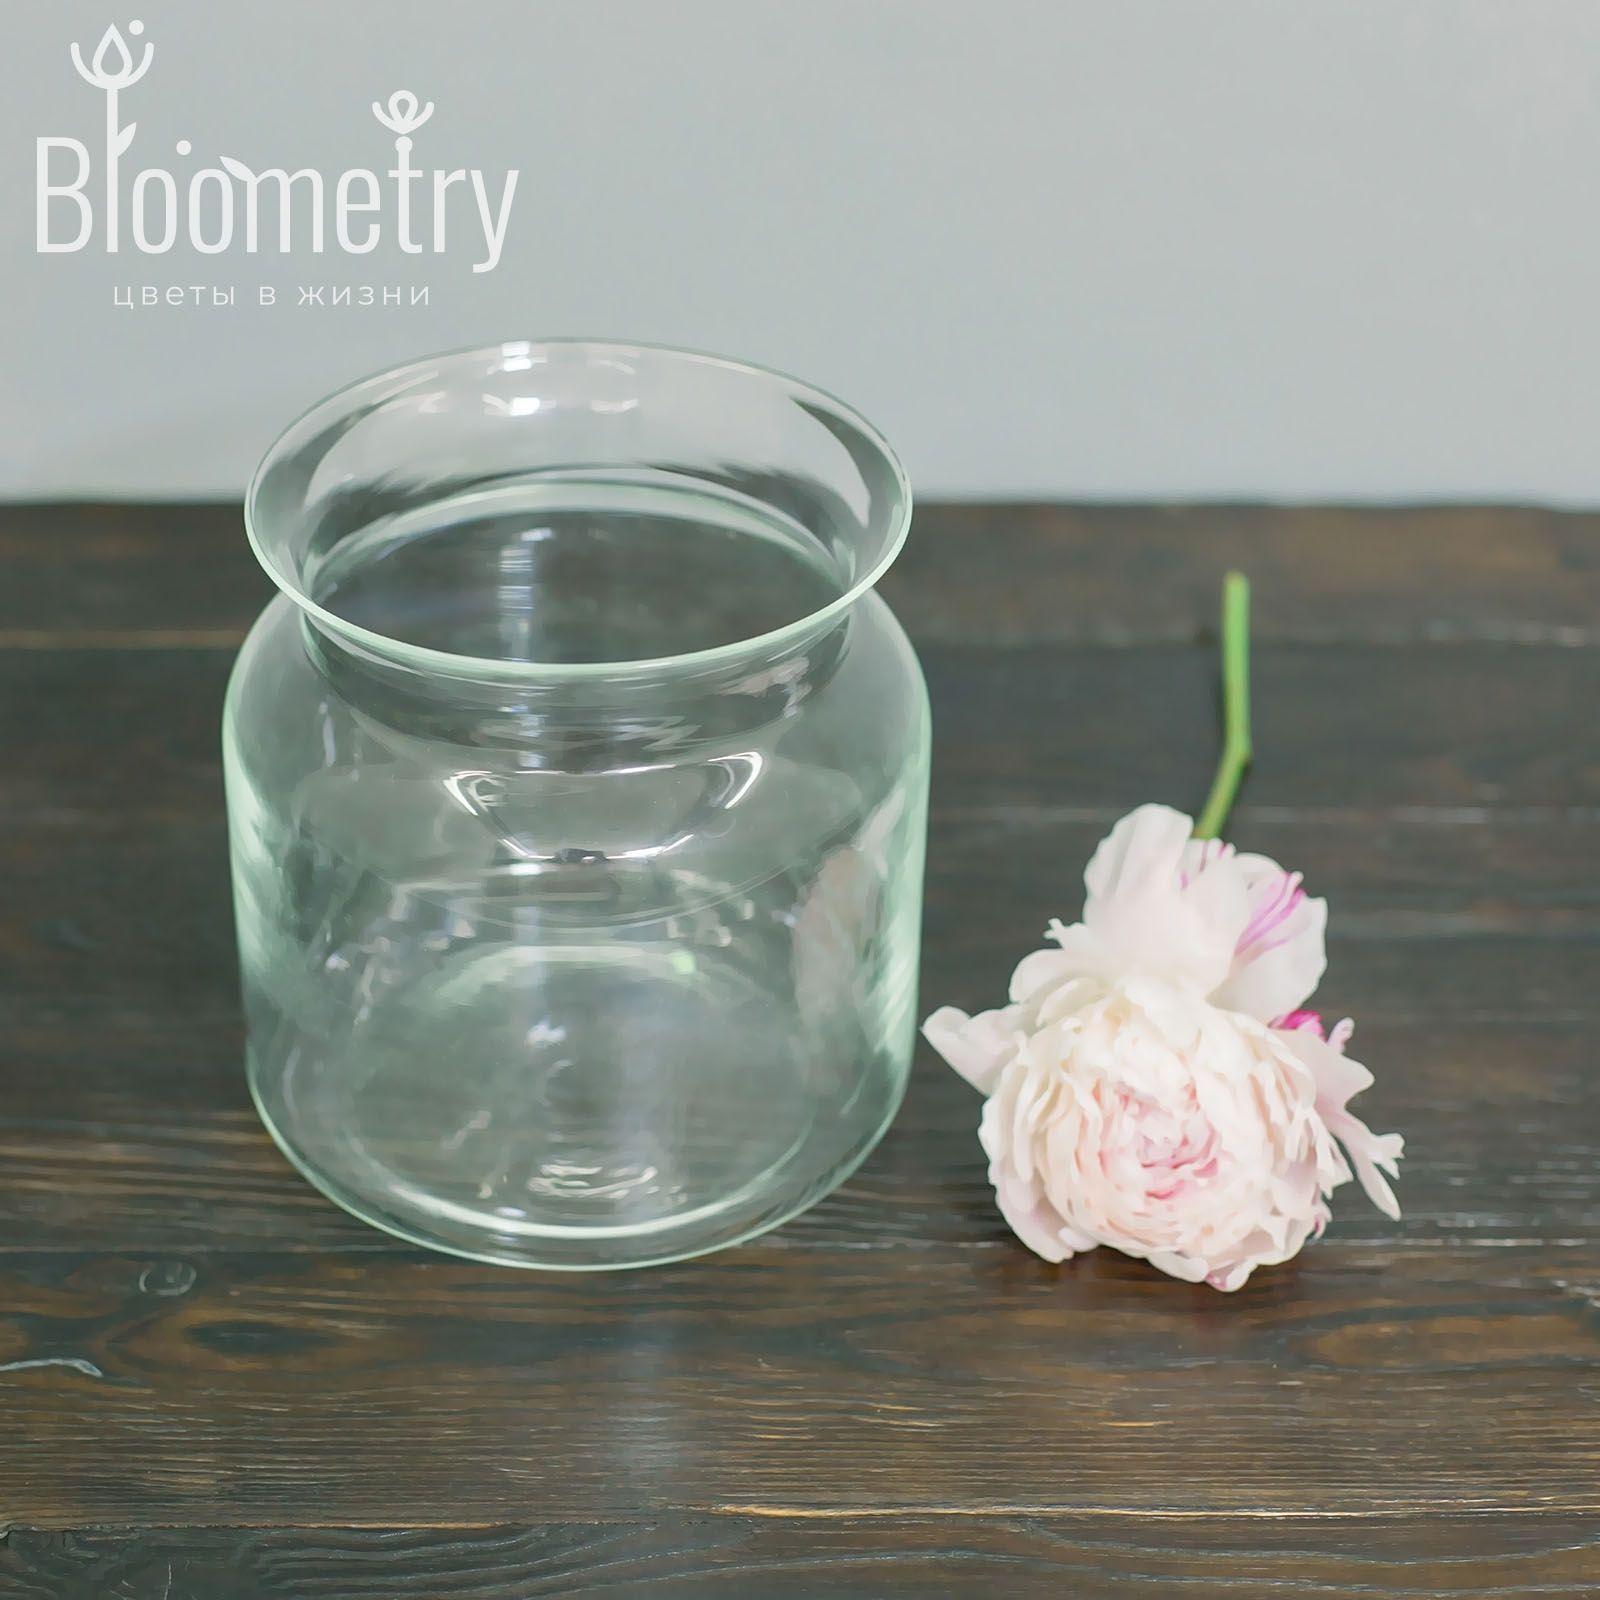 Bloometry ваза Scandic фото